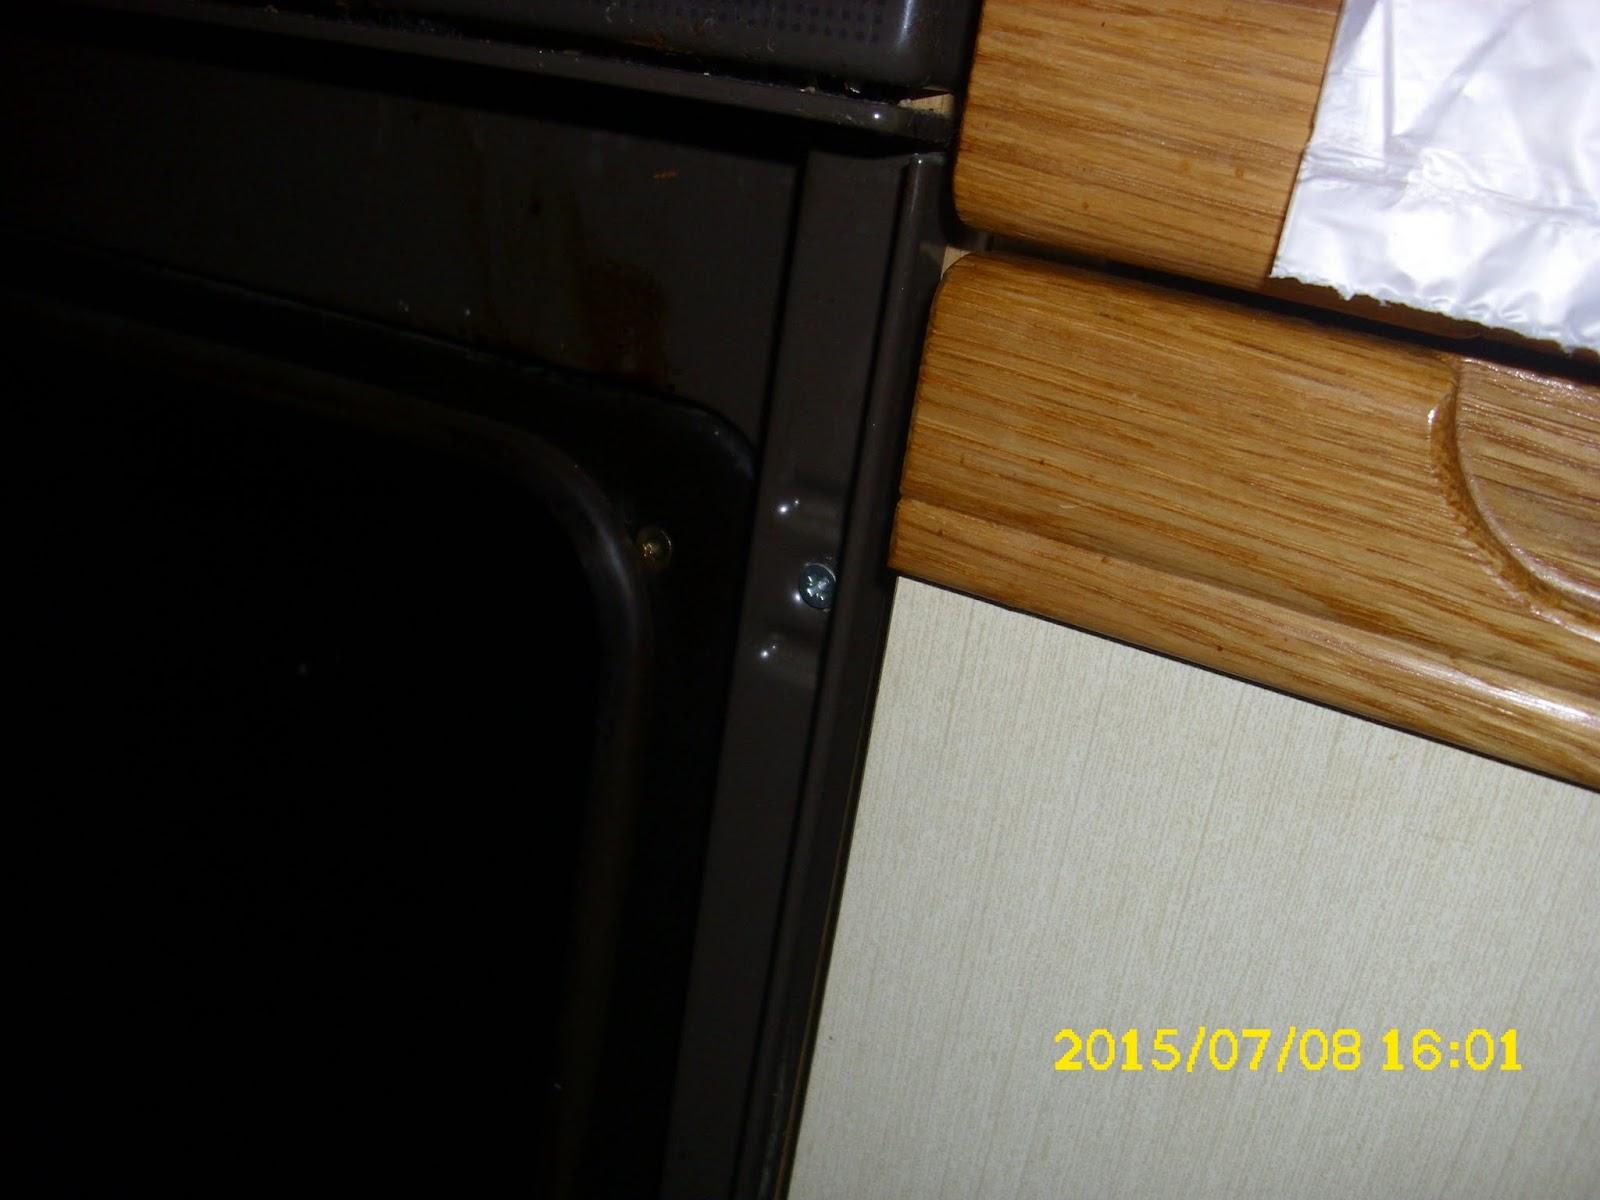 ceranfeld austauschen ceranfeld wird gereinigt wird ausgebaut glhende heizspirale eines. Black Bedroom Furniture Sets. Home Design Ideas